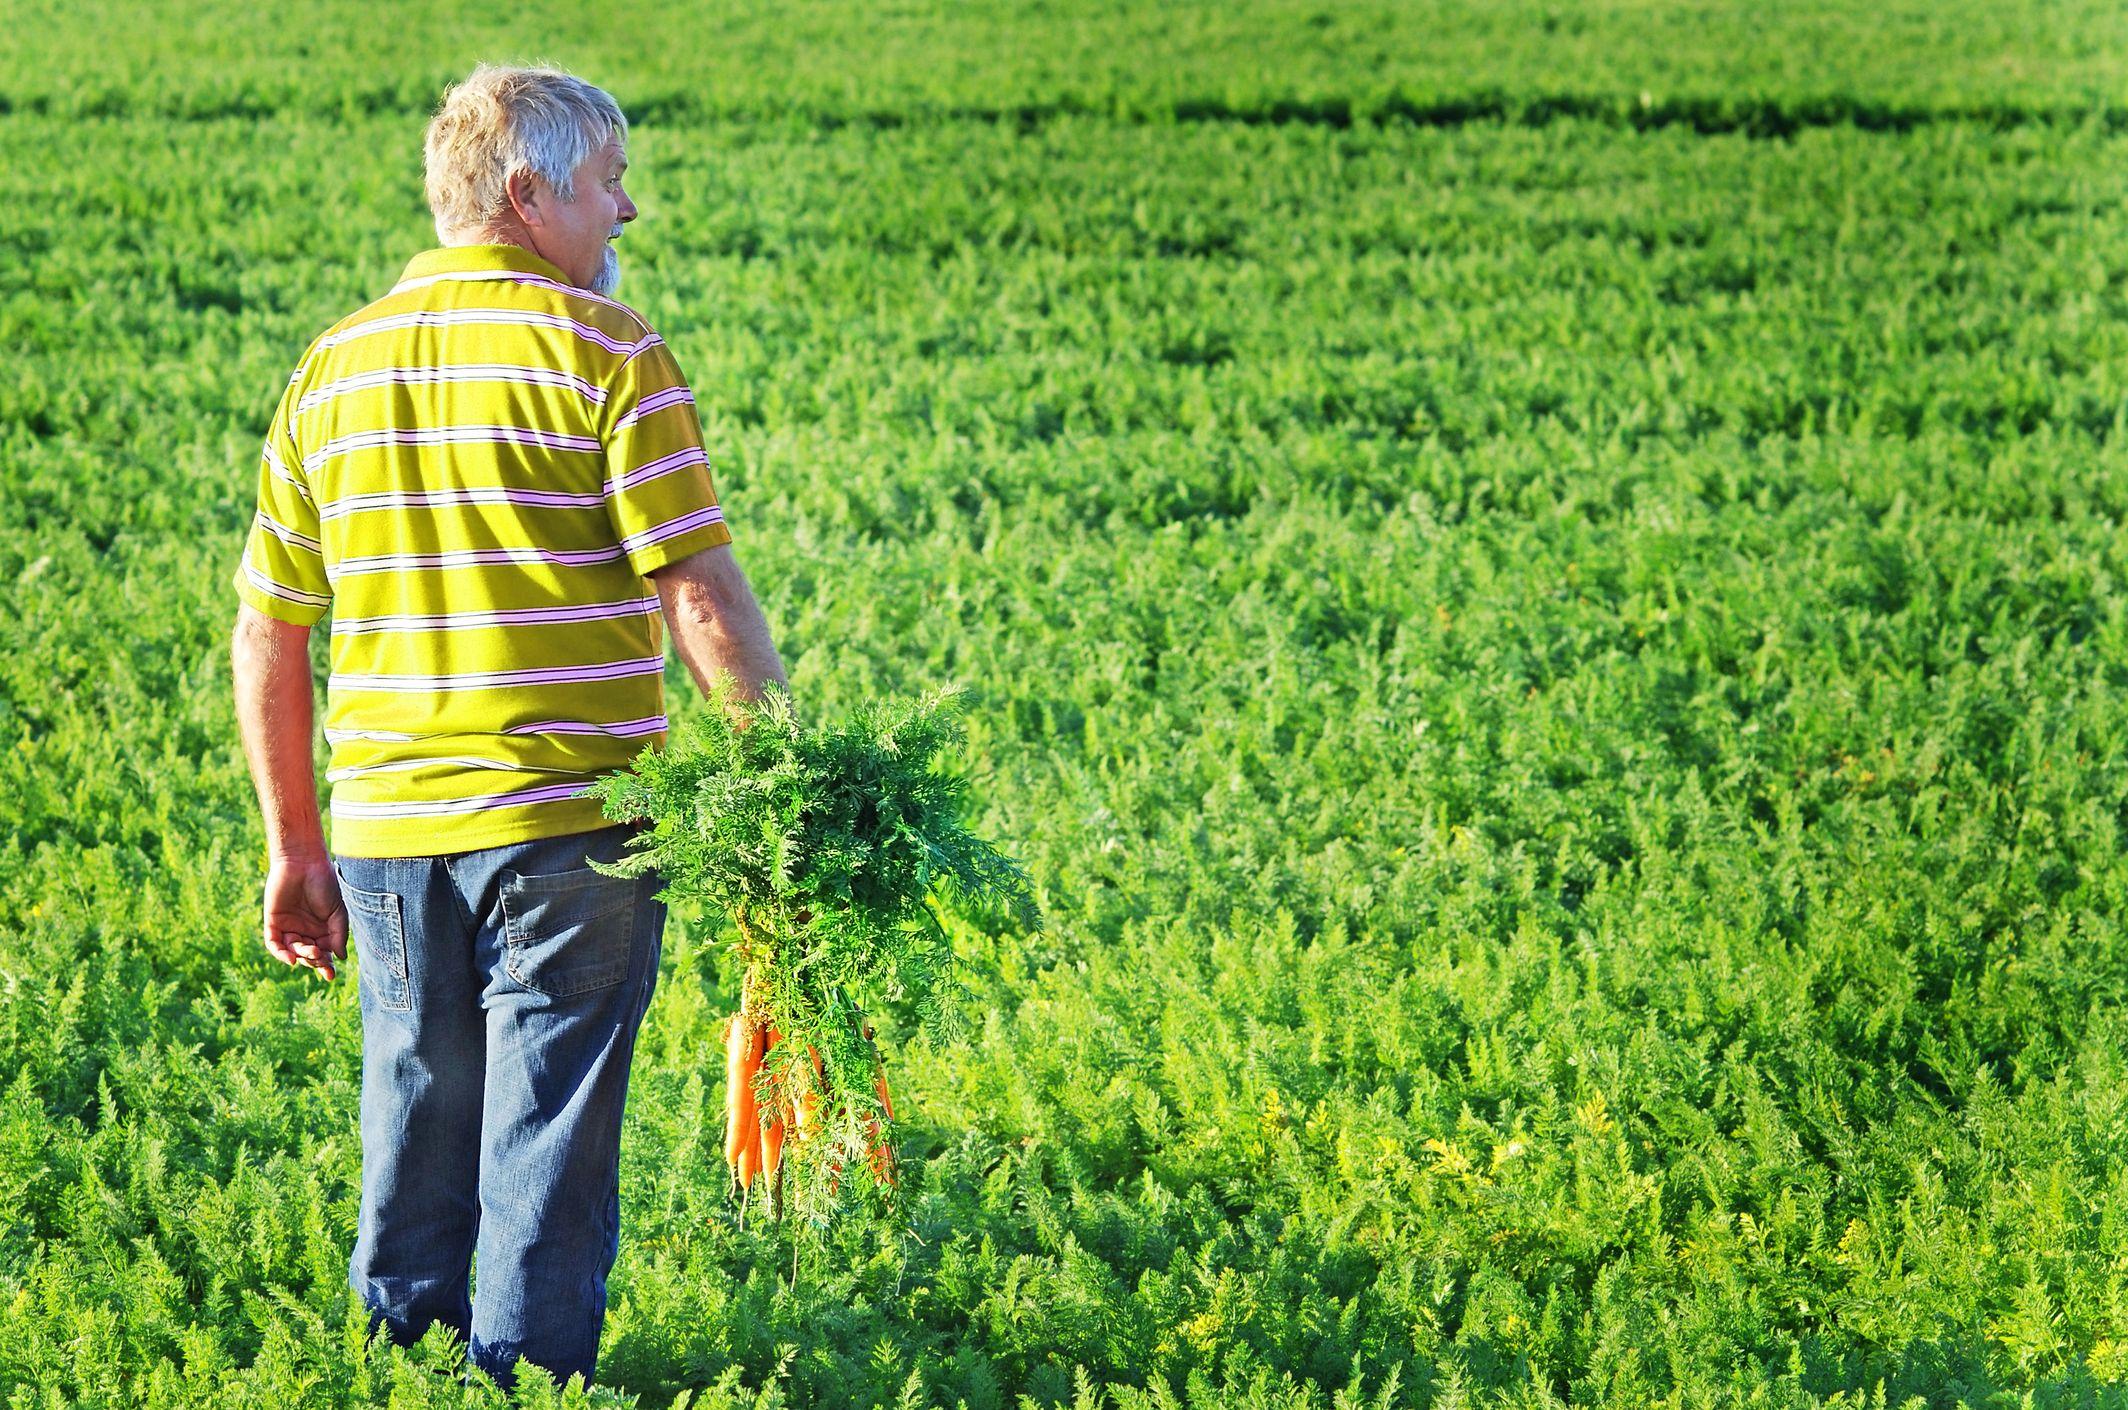 Przychody z działalności rolniczej